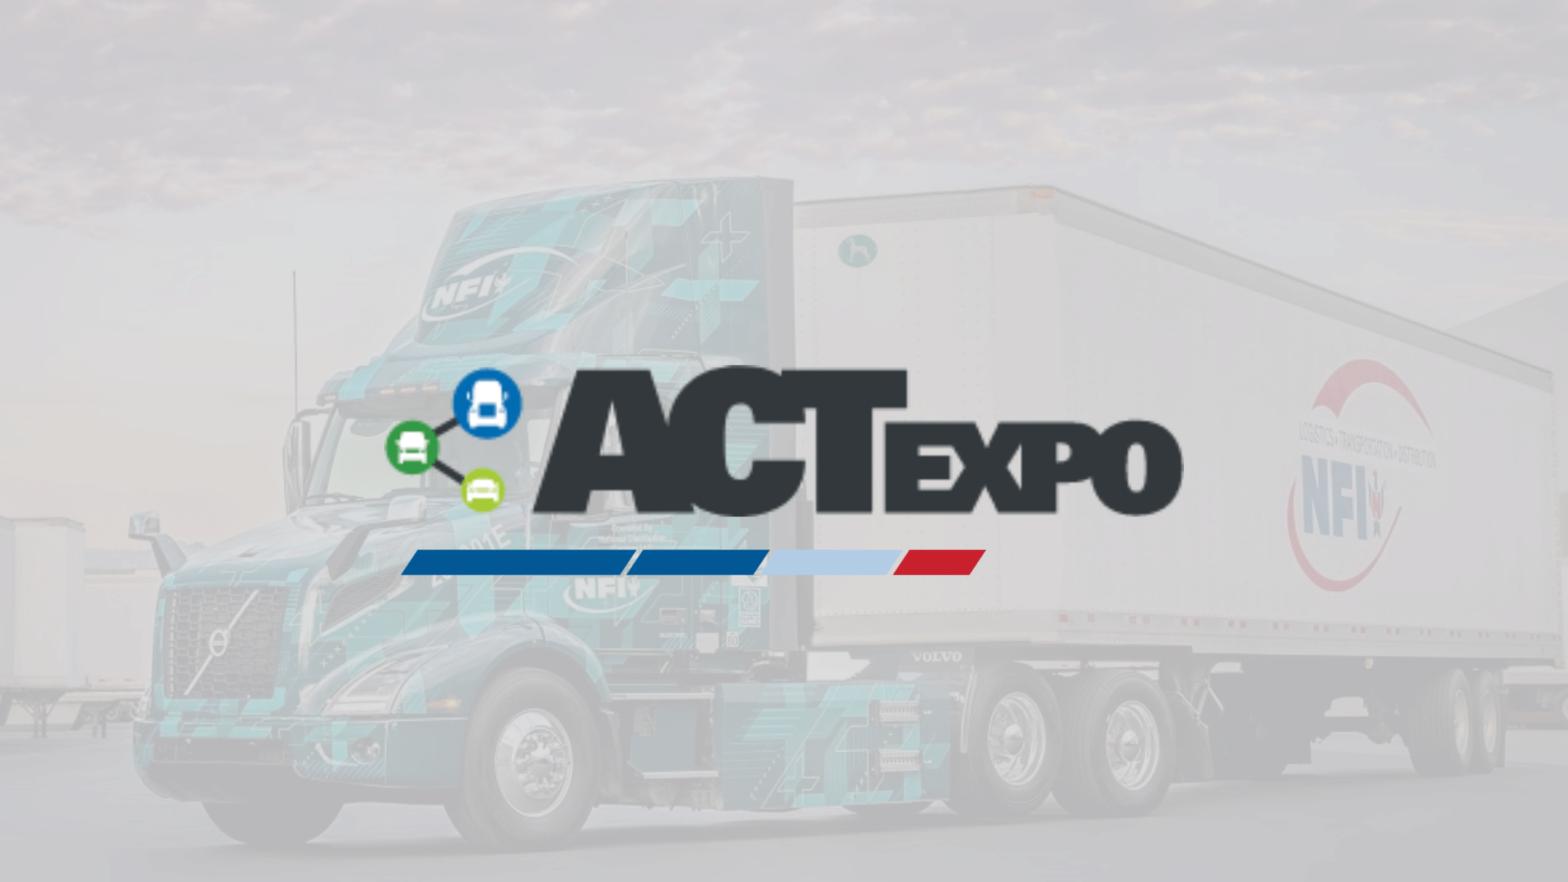 2021 ACT Expo - NFI